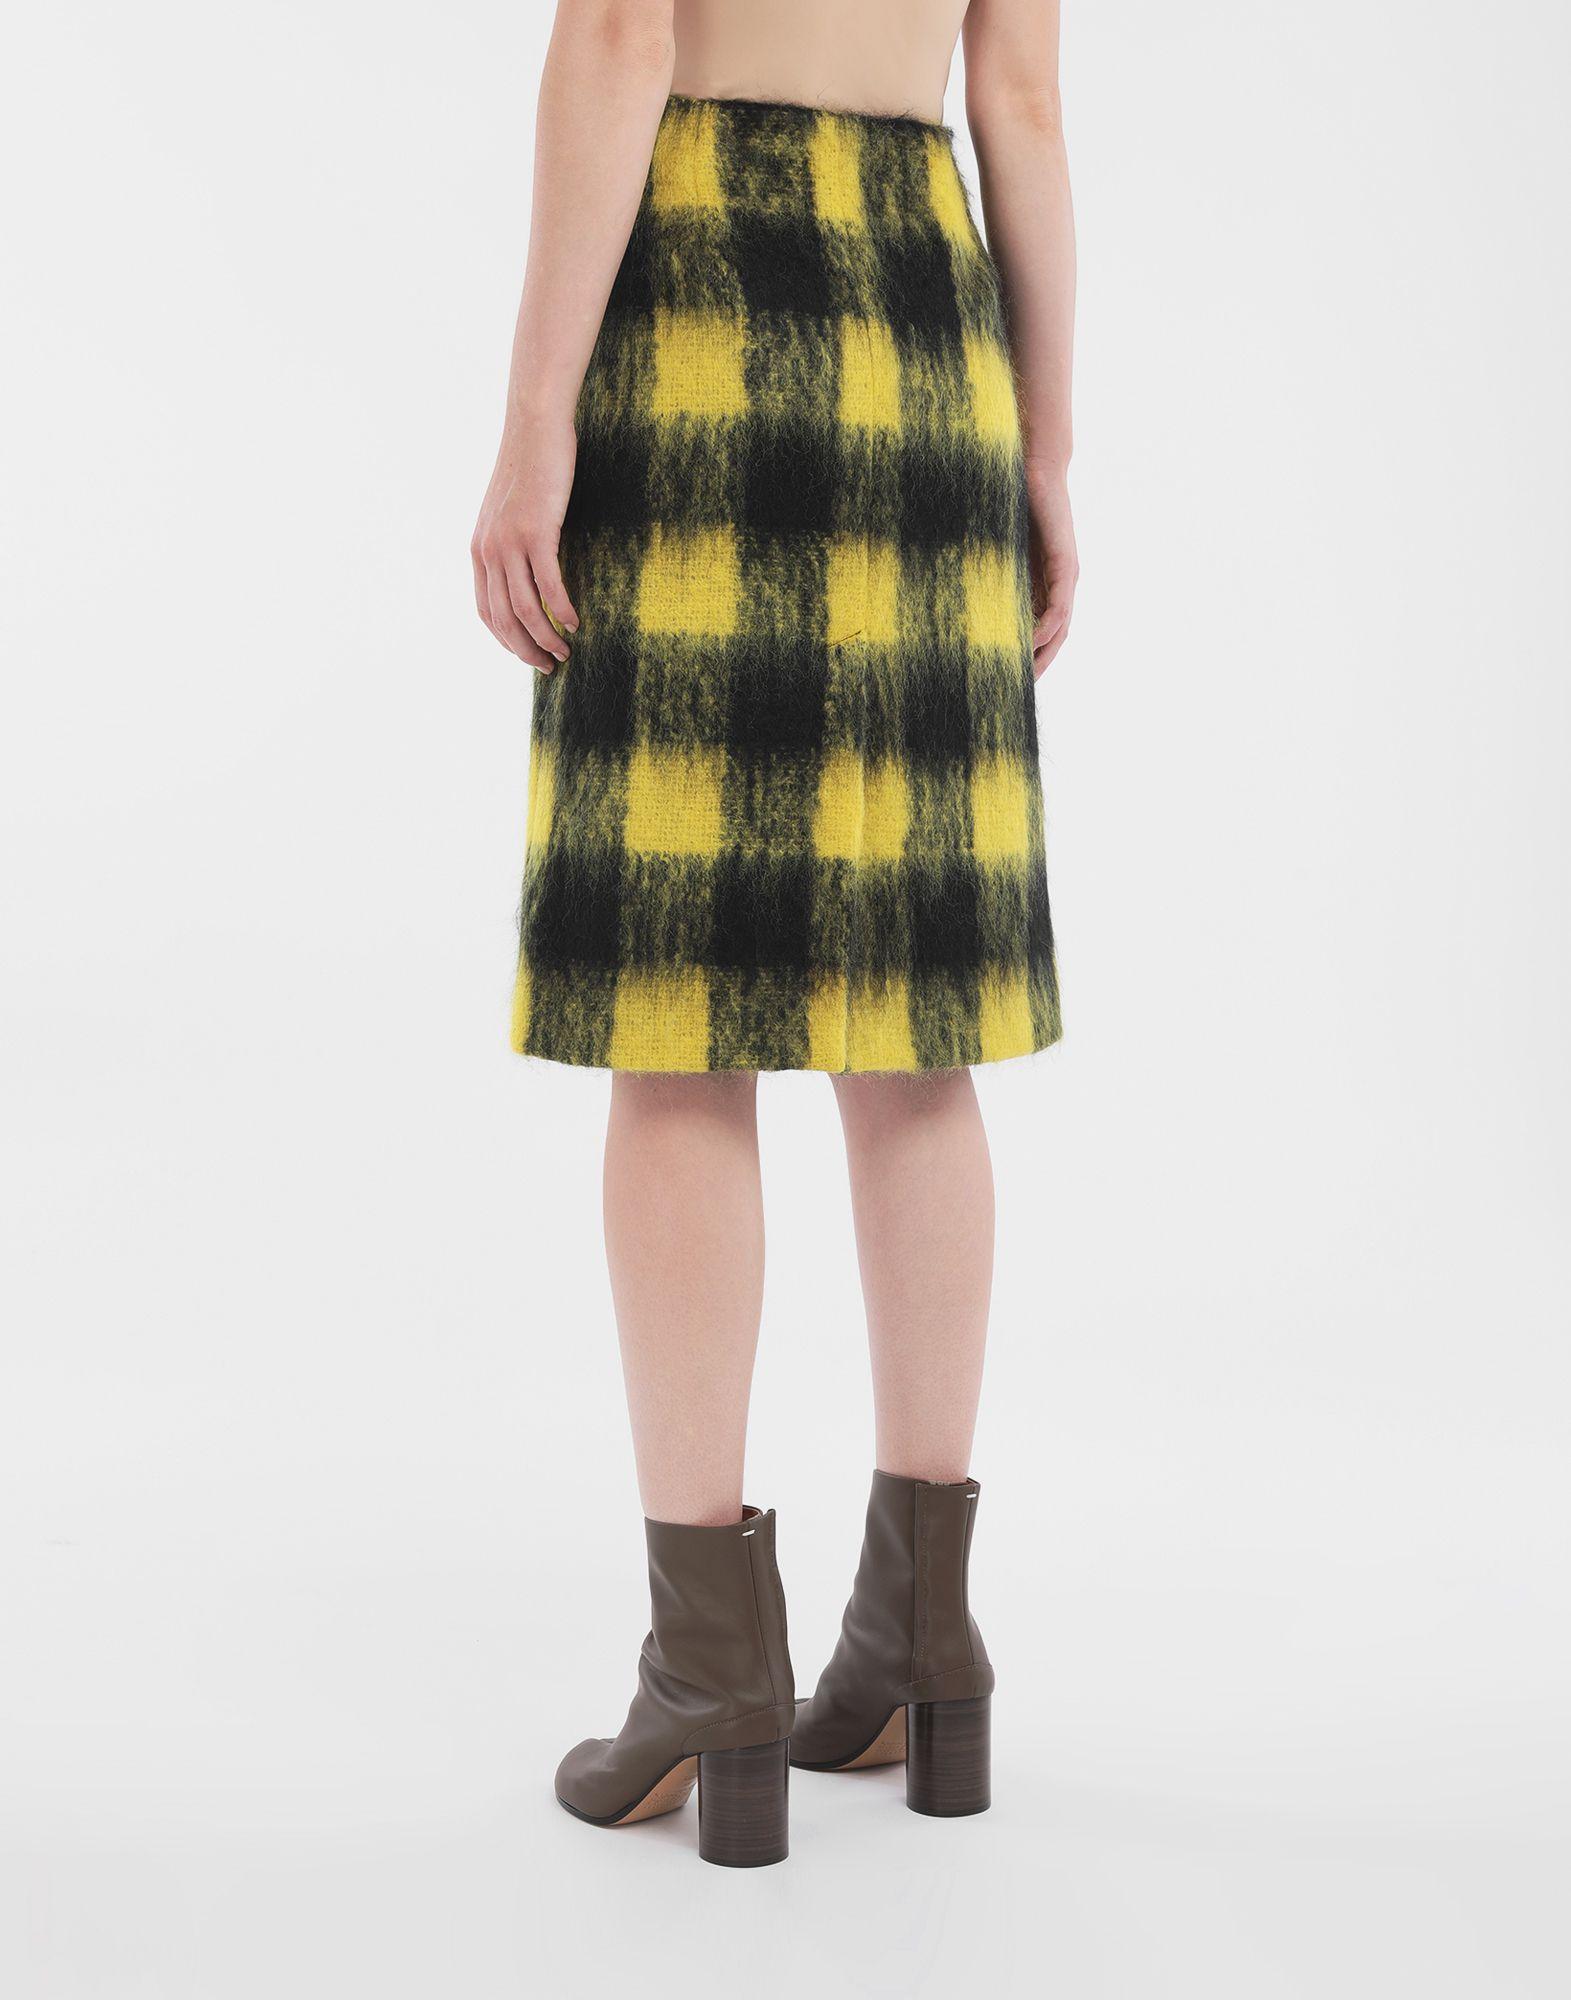 MAISON MARGIELA Mohair check skirt 3/4 length skirt Woman e